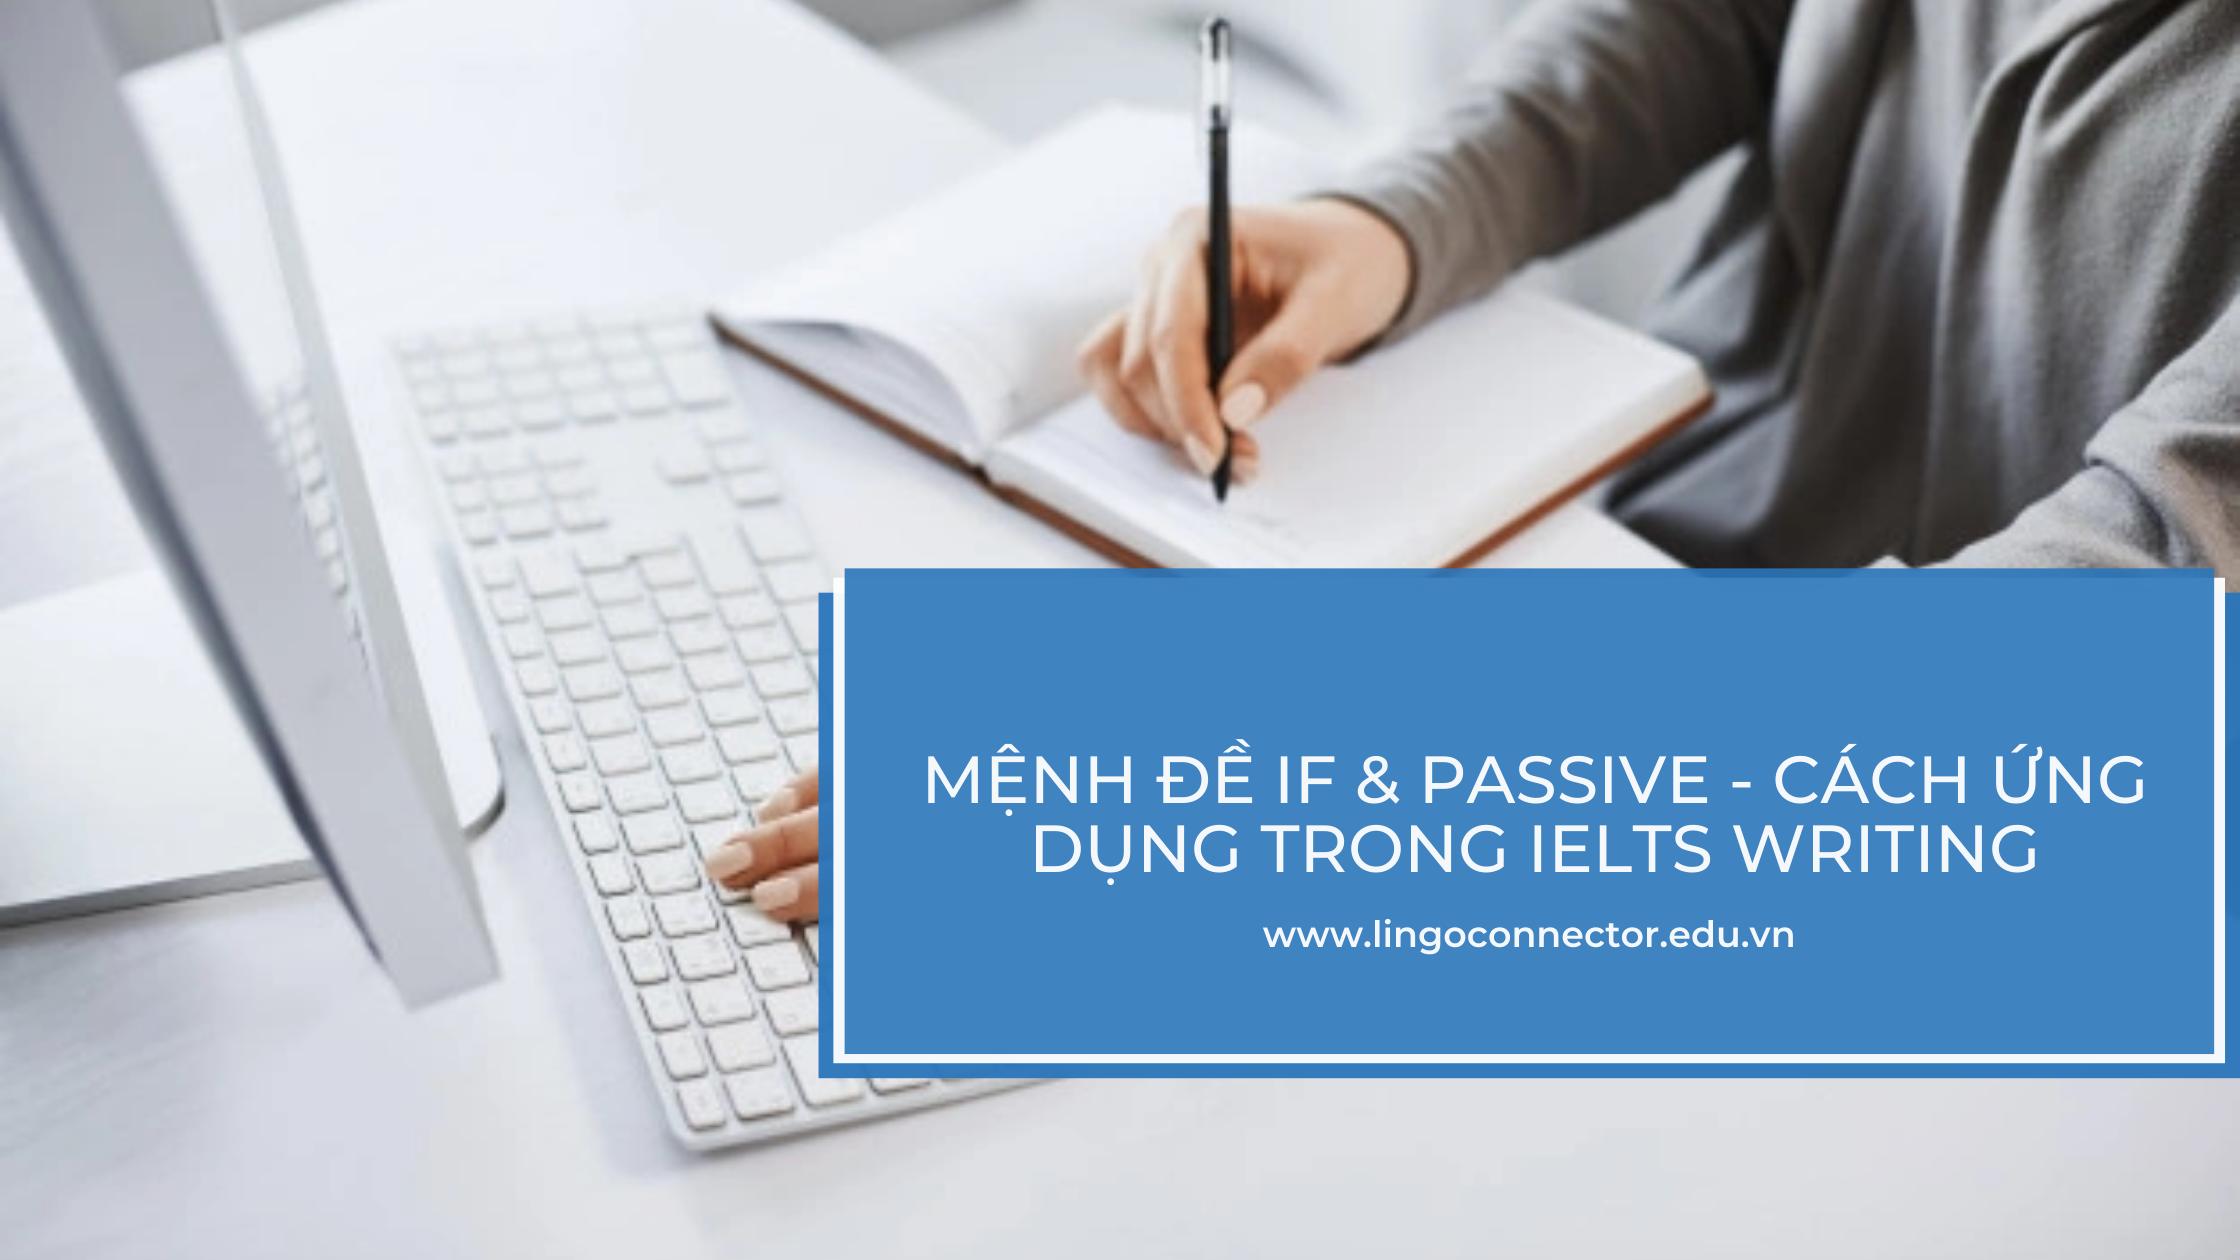 Mệnh Đề IF & PASSIVE - Cách ứng dụng trong IELTS WRITINGv